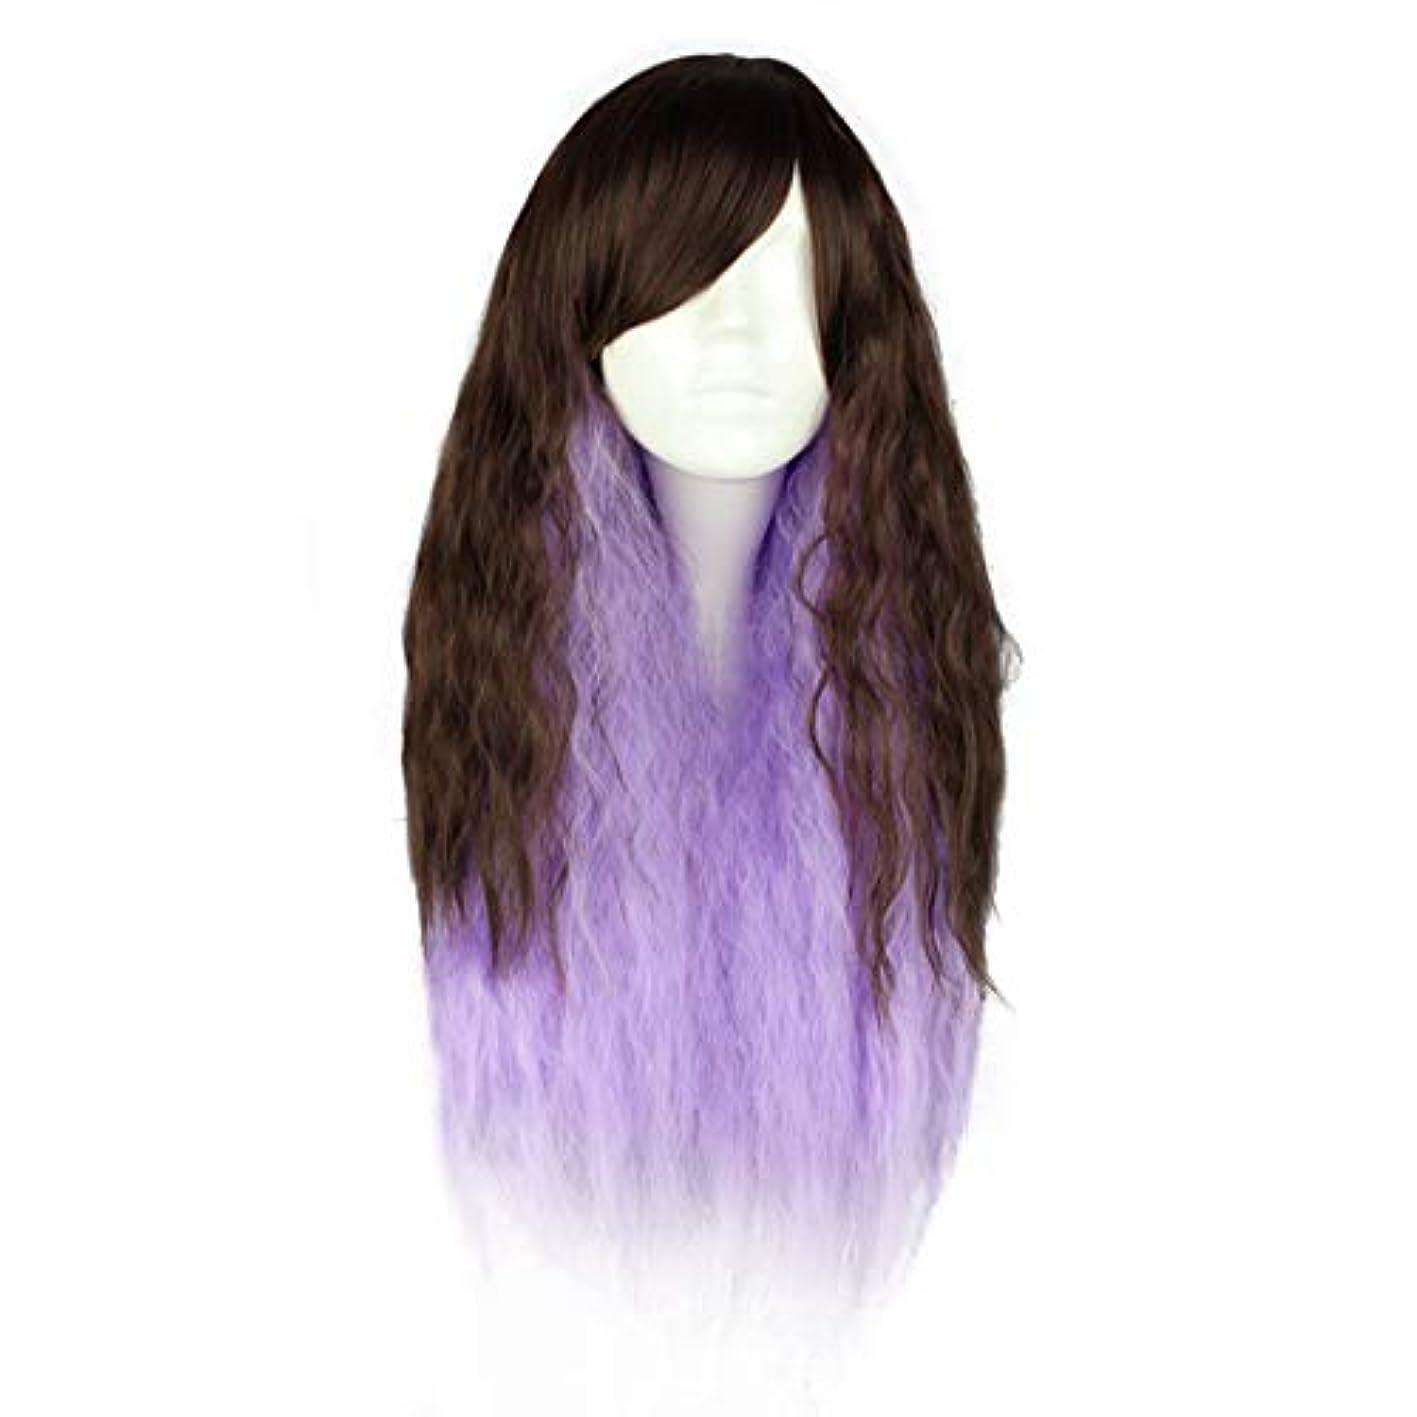 たまに対処する精巧なJIANFU 原宿スタイル超かわいいロリータウィッグコスプレウィッグ (Color : Purple gradient)